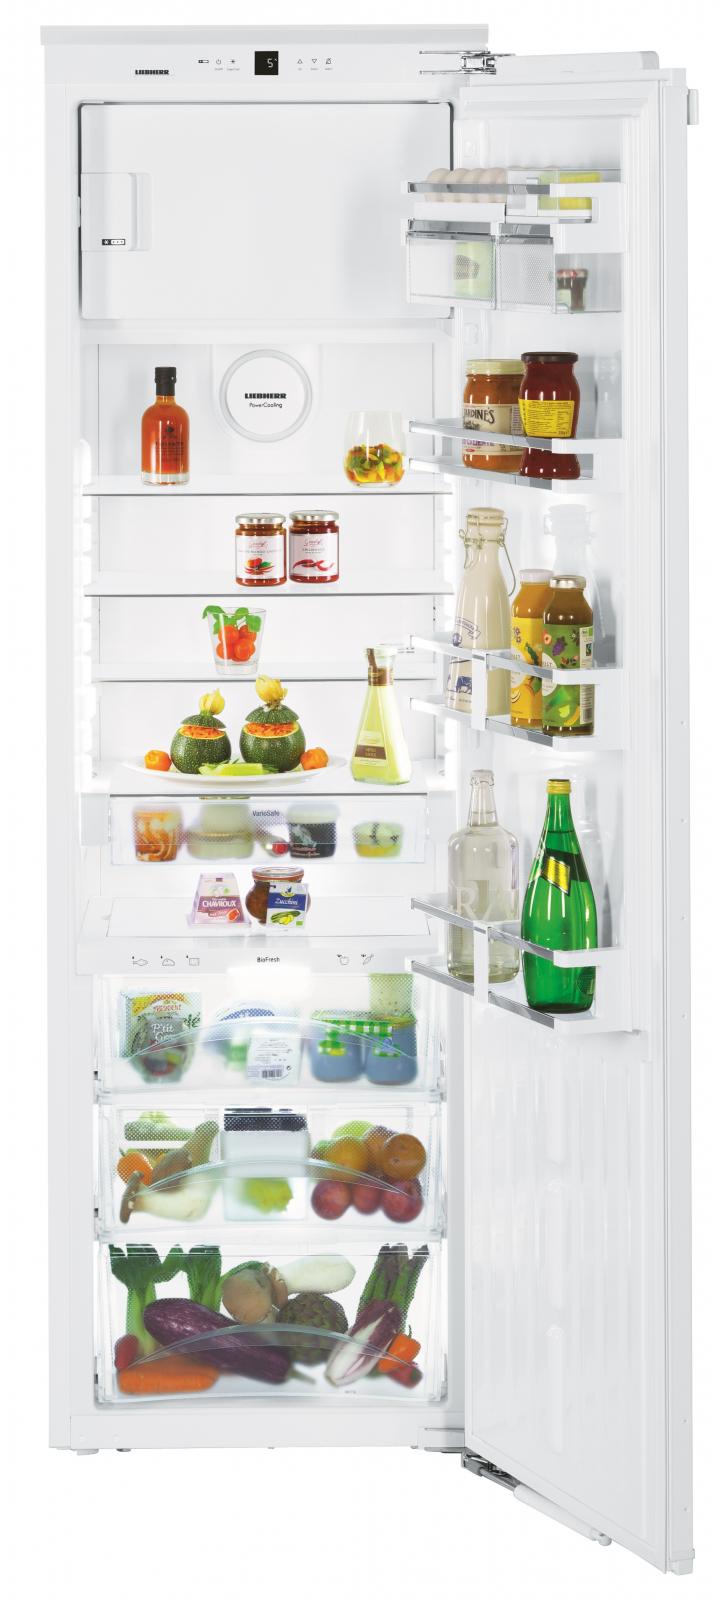 Встраиваемый однокамерный холодильник Liebherr IKB 3564 купить украина